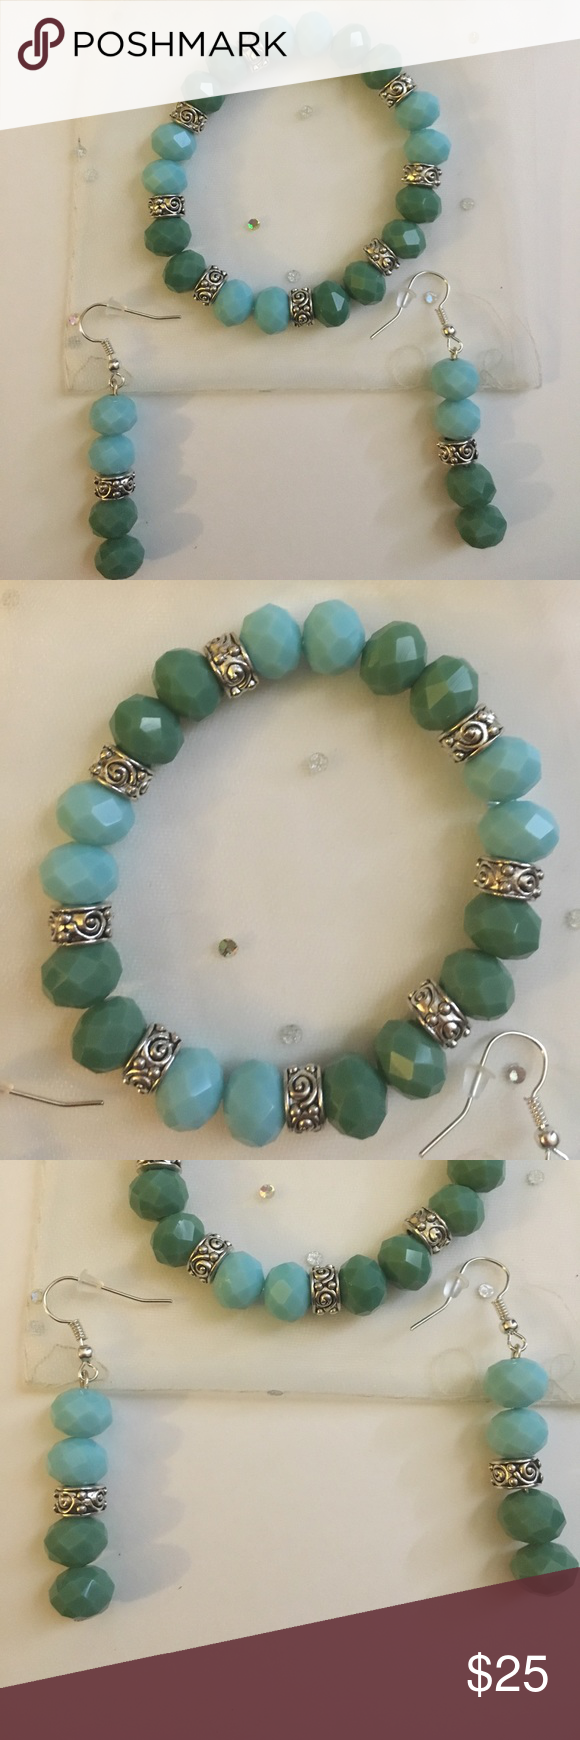 Handmade Bracelet set Handmade. Beads are glass not plastic. Great ...